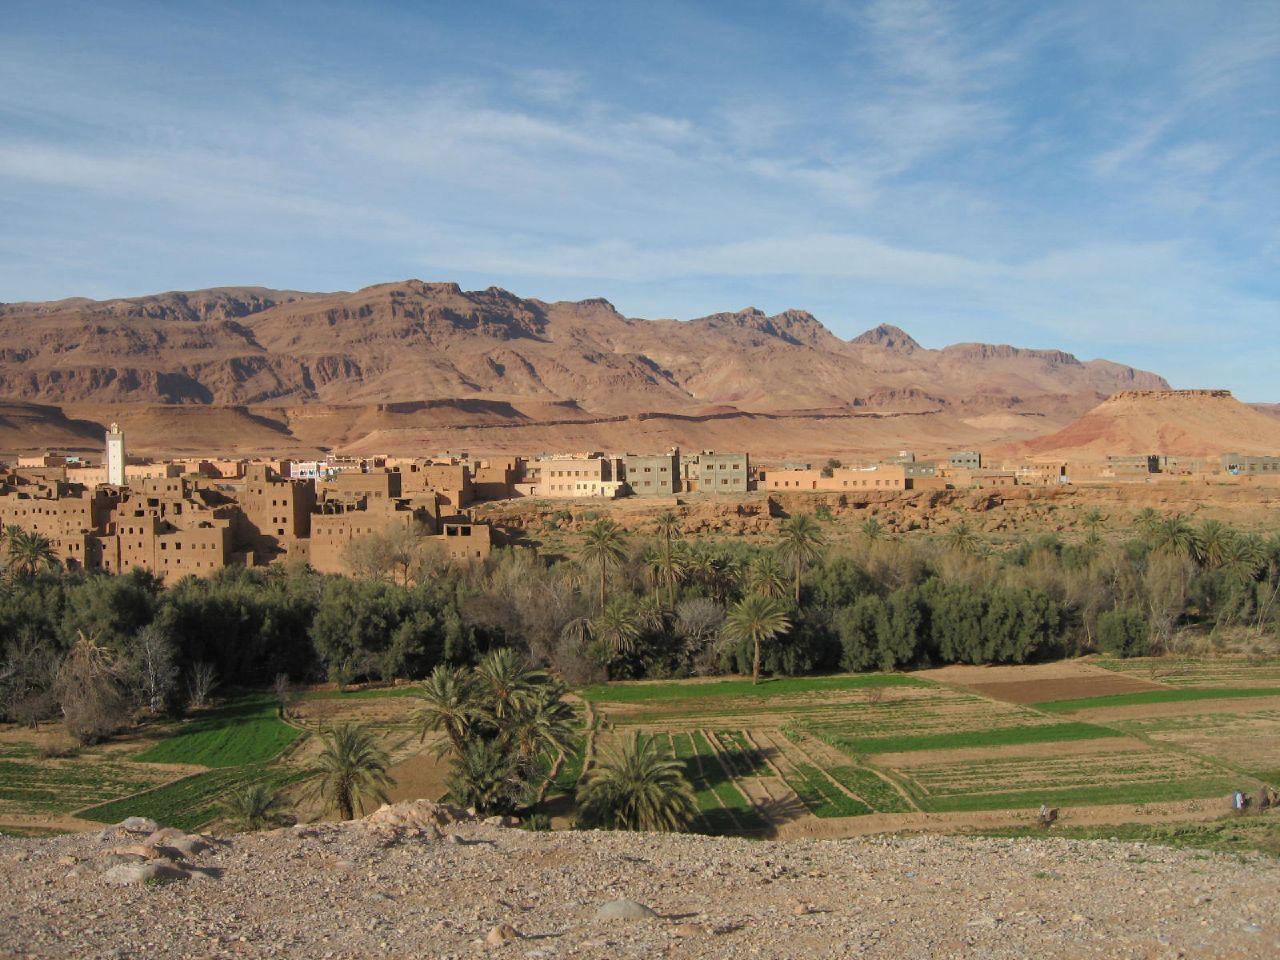 Erfoud Morocco  city photos gallery : Erfoud Tafilalt1 Wikimedia Commons